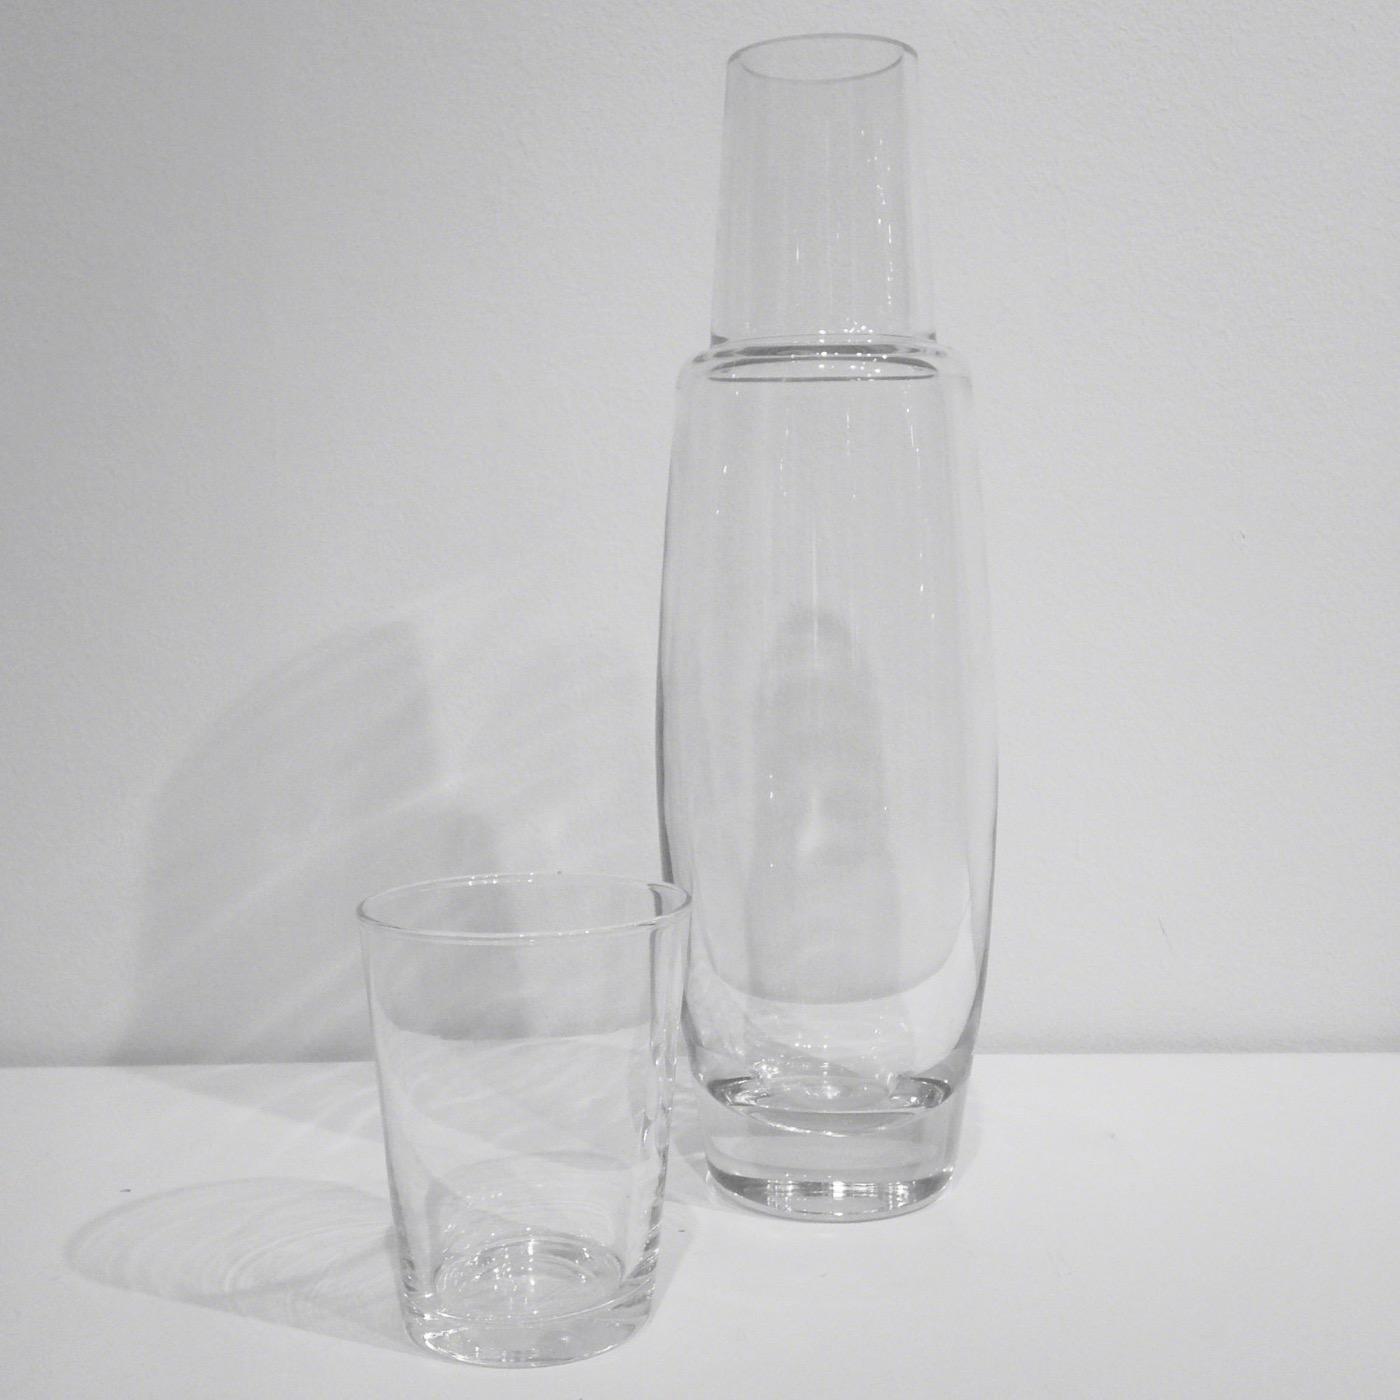 Regalo Glass Carafe